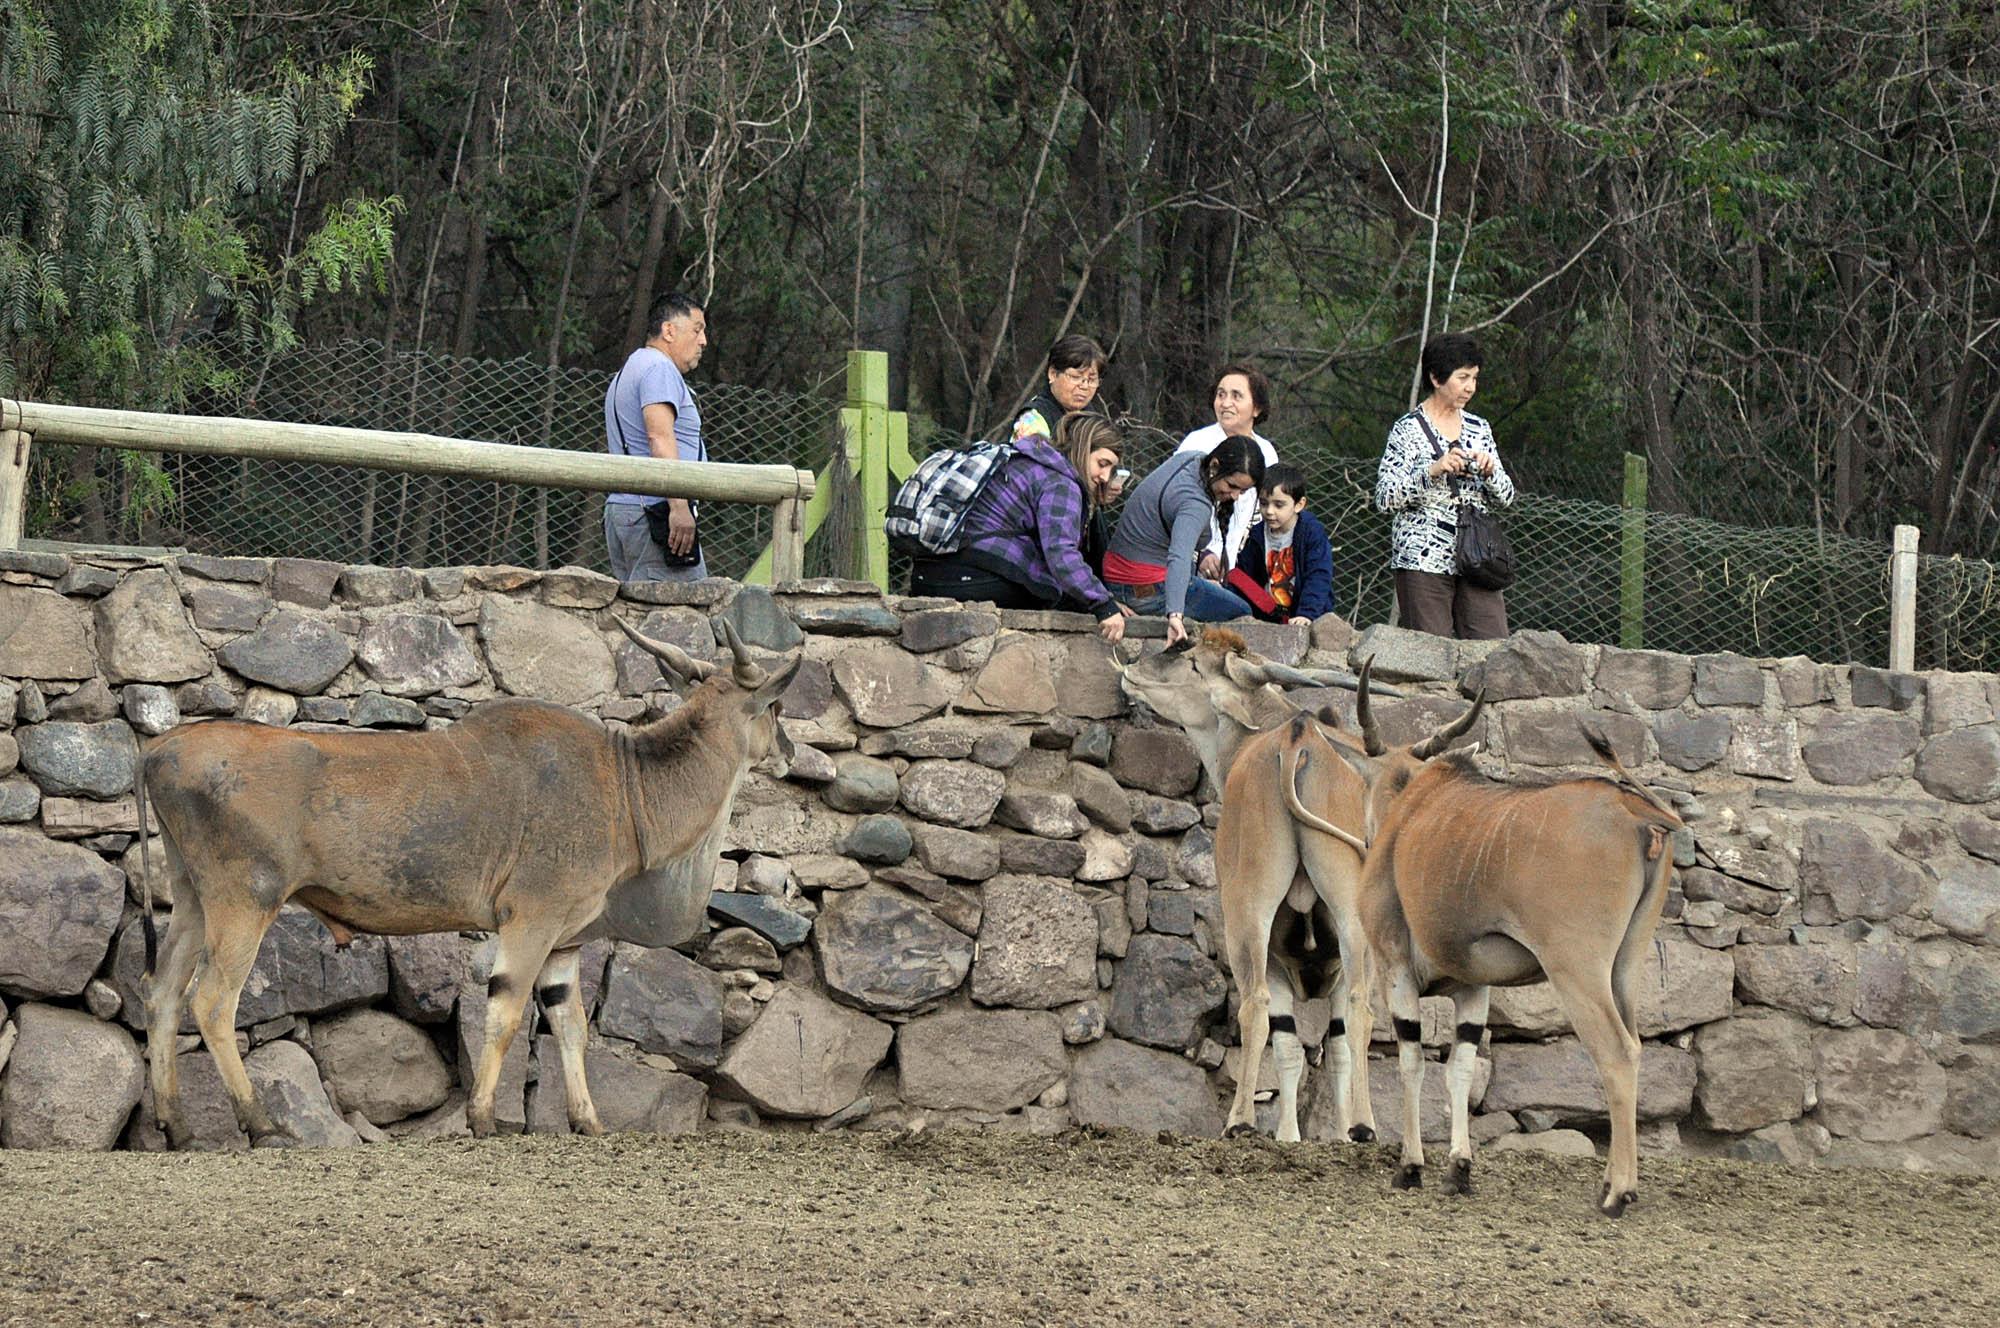 Fotos de animales en zoologicos 24